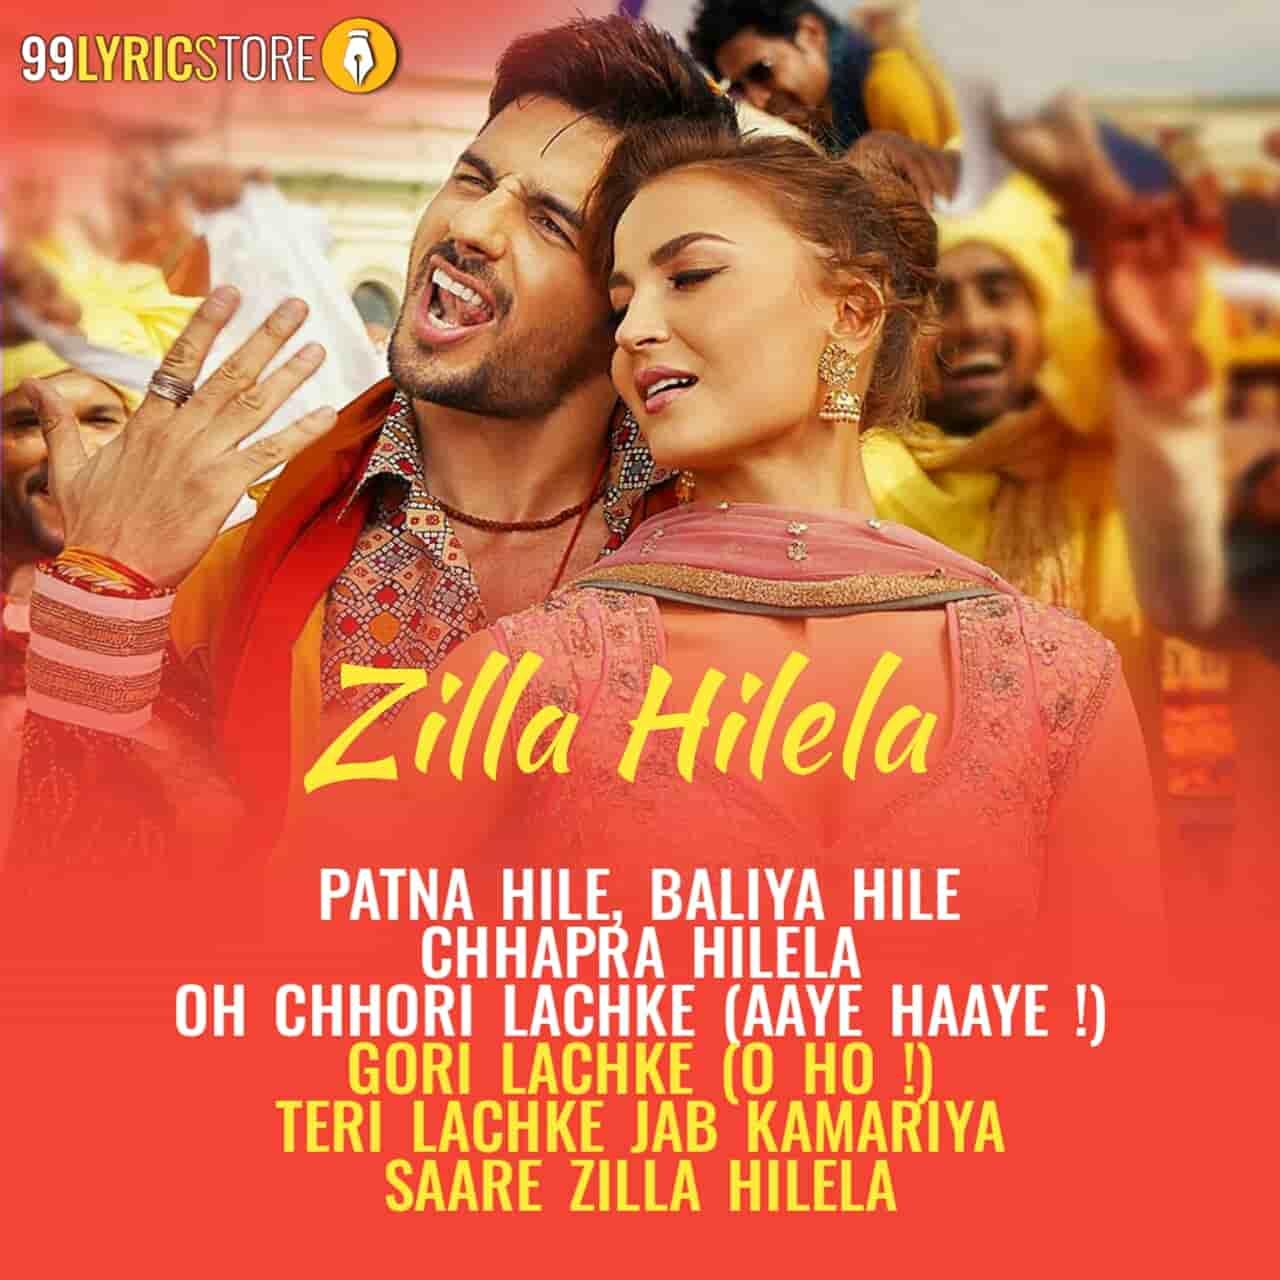 Zilla hilela song from movie Jabariya Jodi